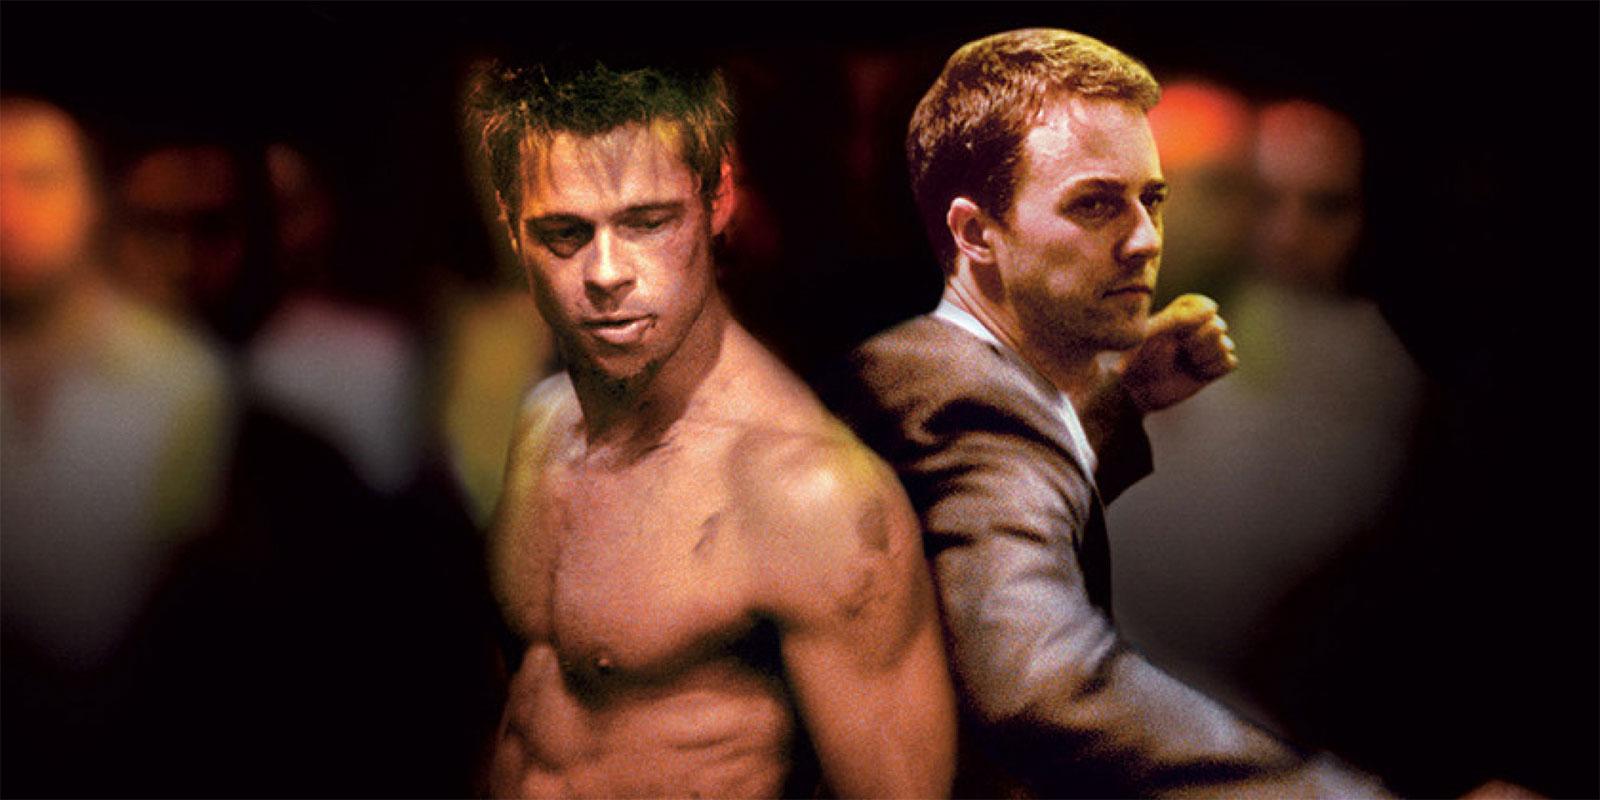 Tyler Durden (Brad Pitt) and Edward Norton in Fight Club